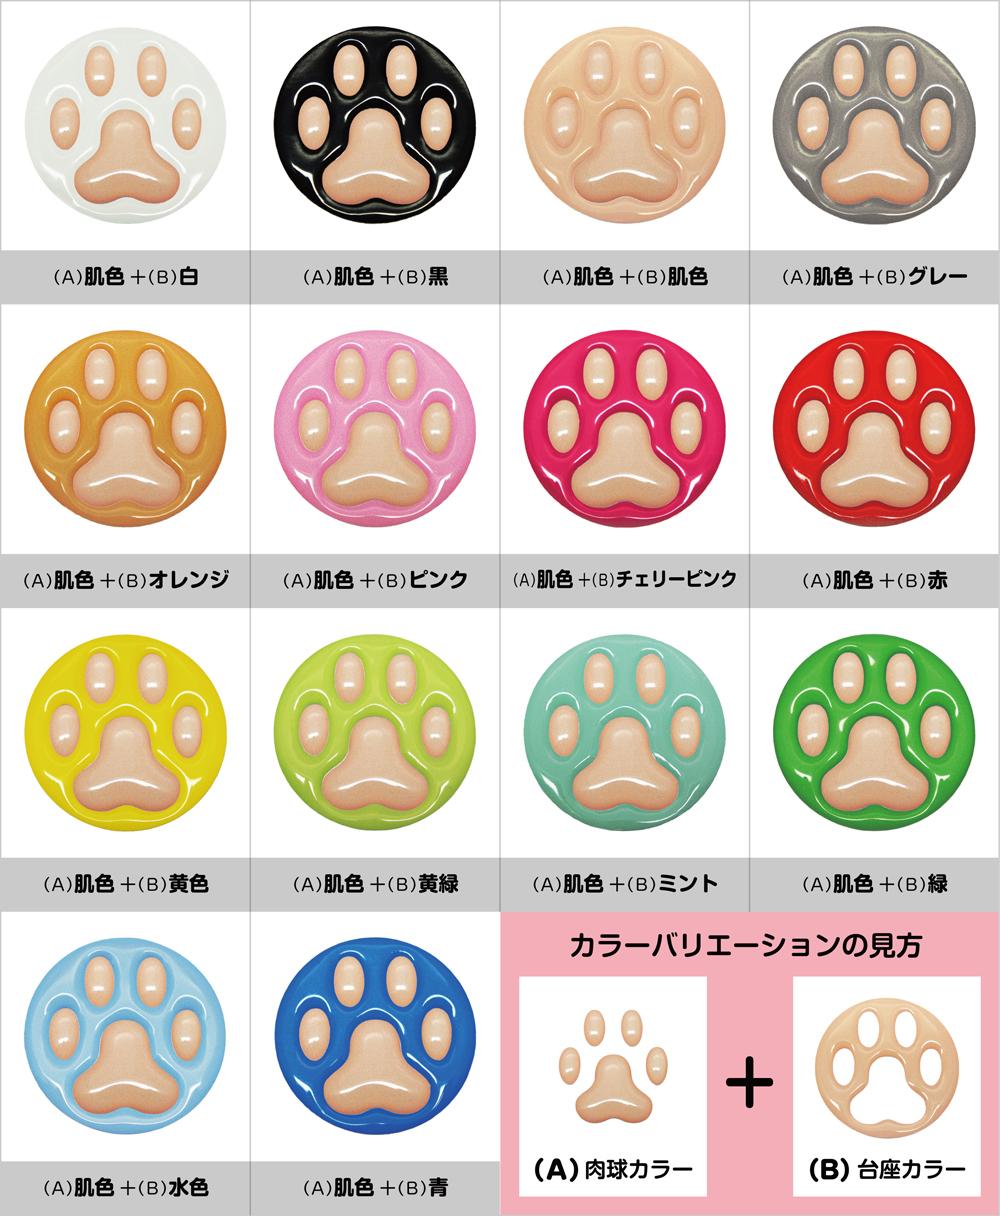 ぷっくり肉球シール 肌色タイプ 14種